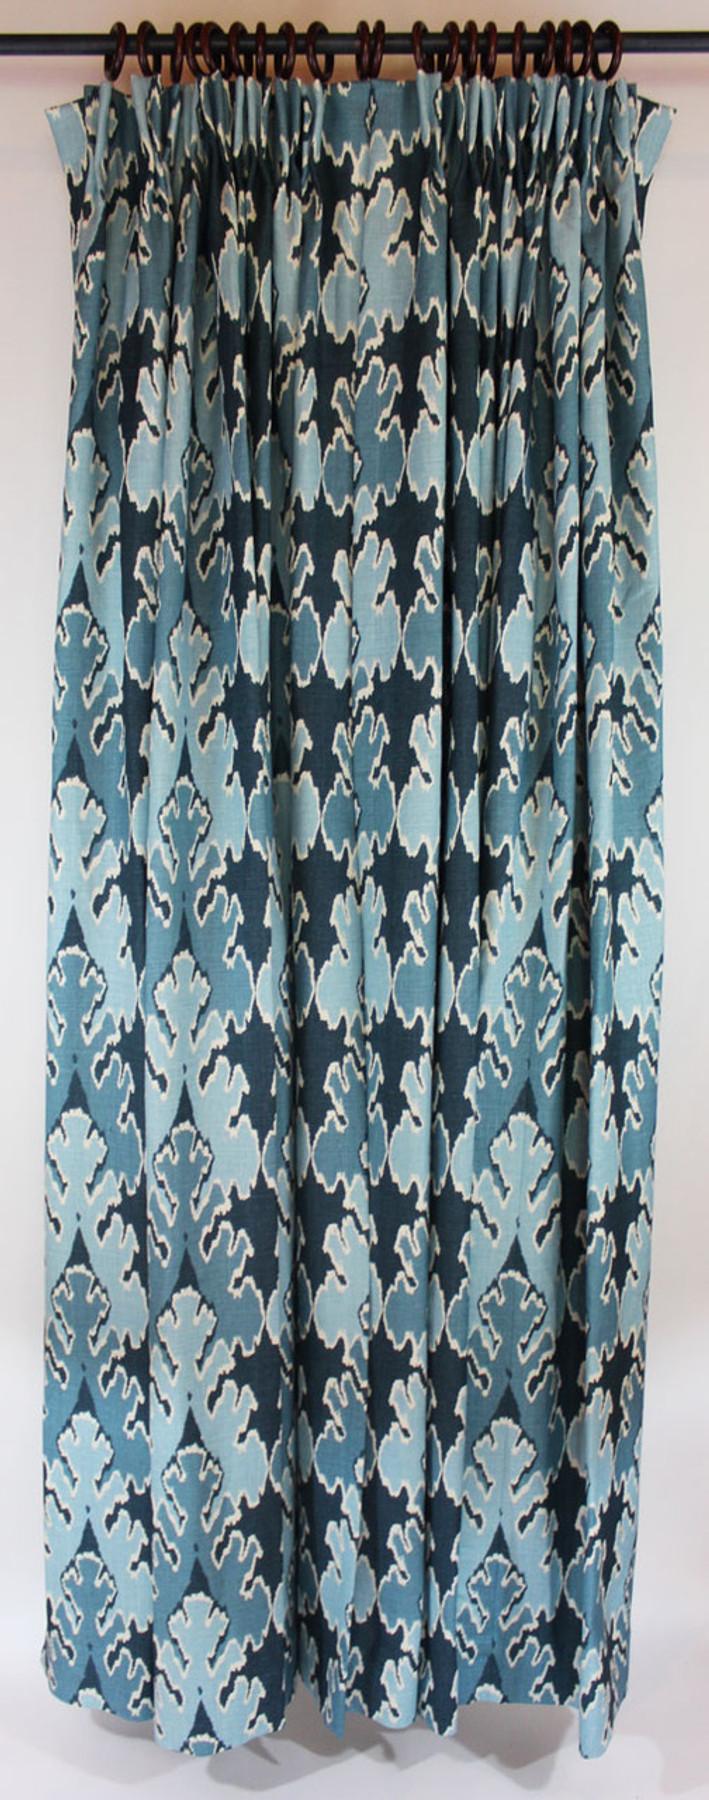 One pair of pleated drapes in Kelly Wearstler Bengal Bazaar Teal